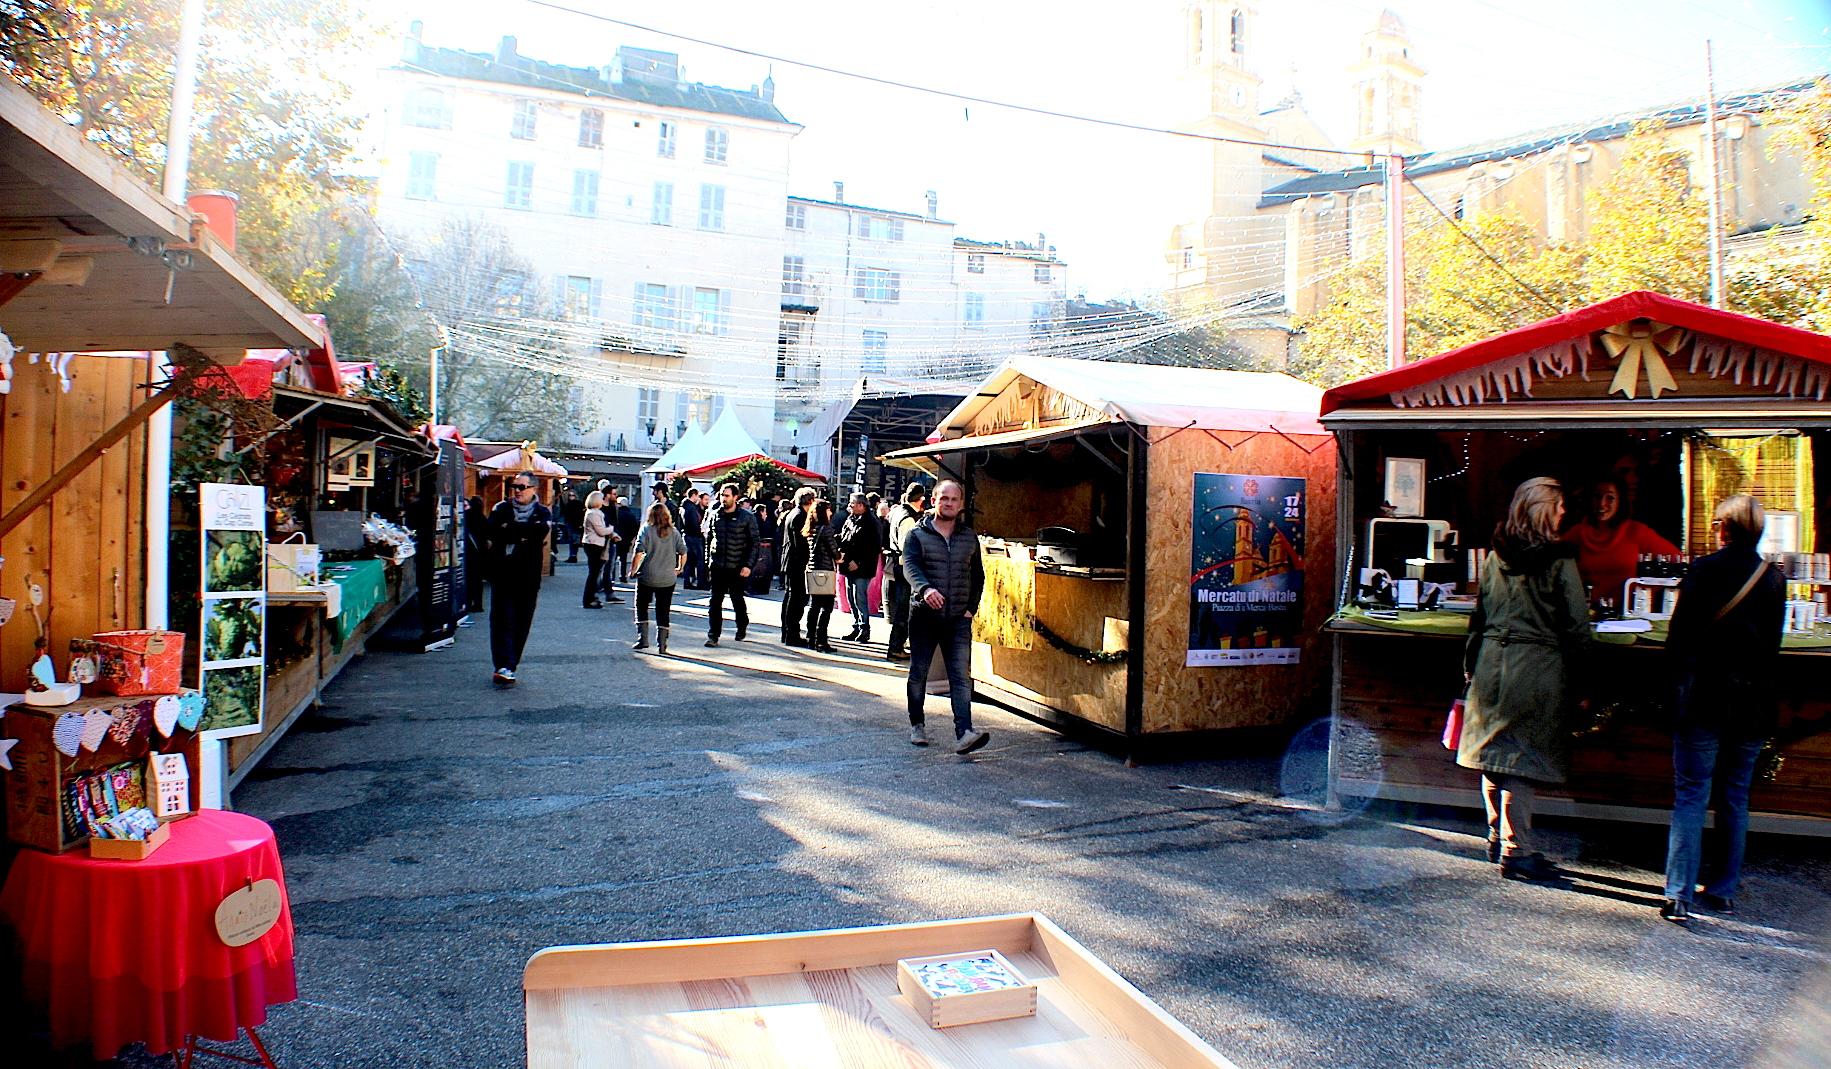 U Mercatu di Natale di Bastia : C'est parti jusqu'au 24 Décembre